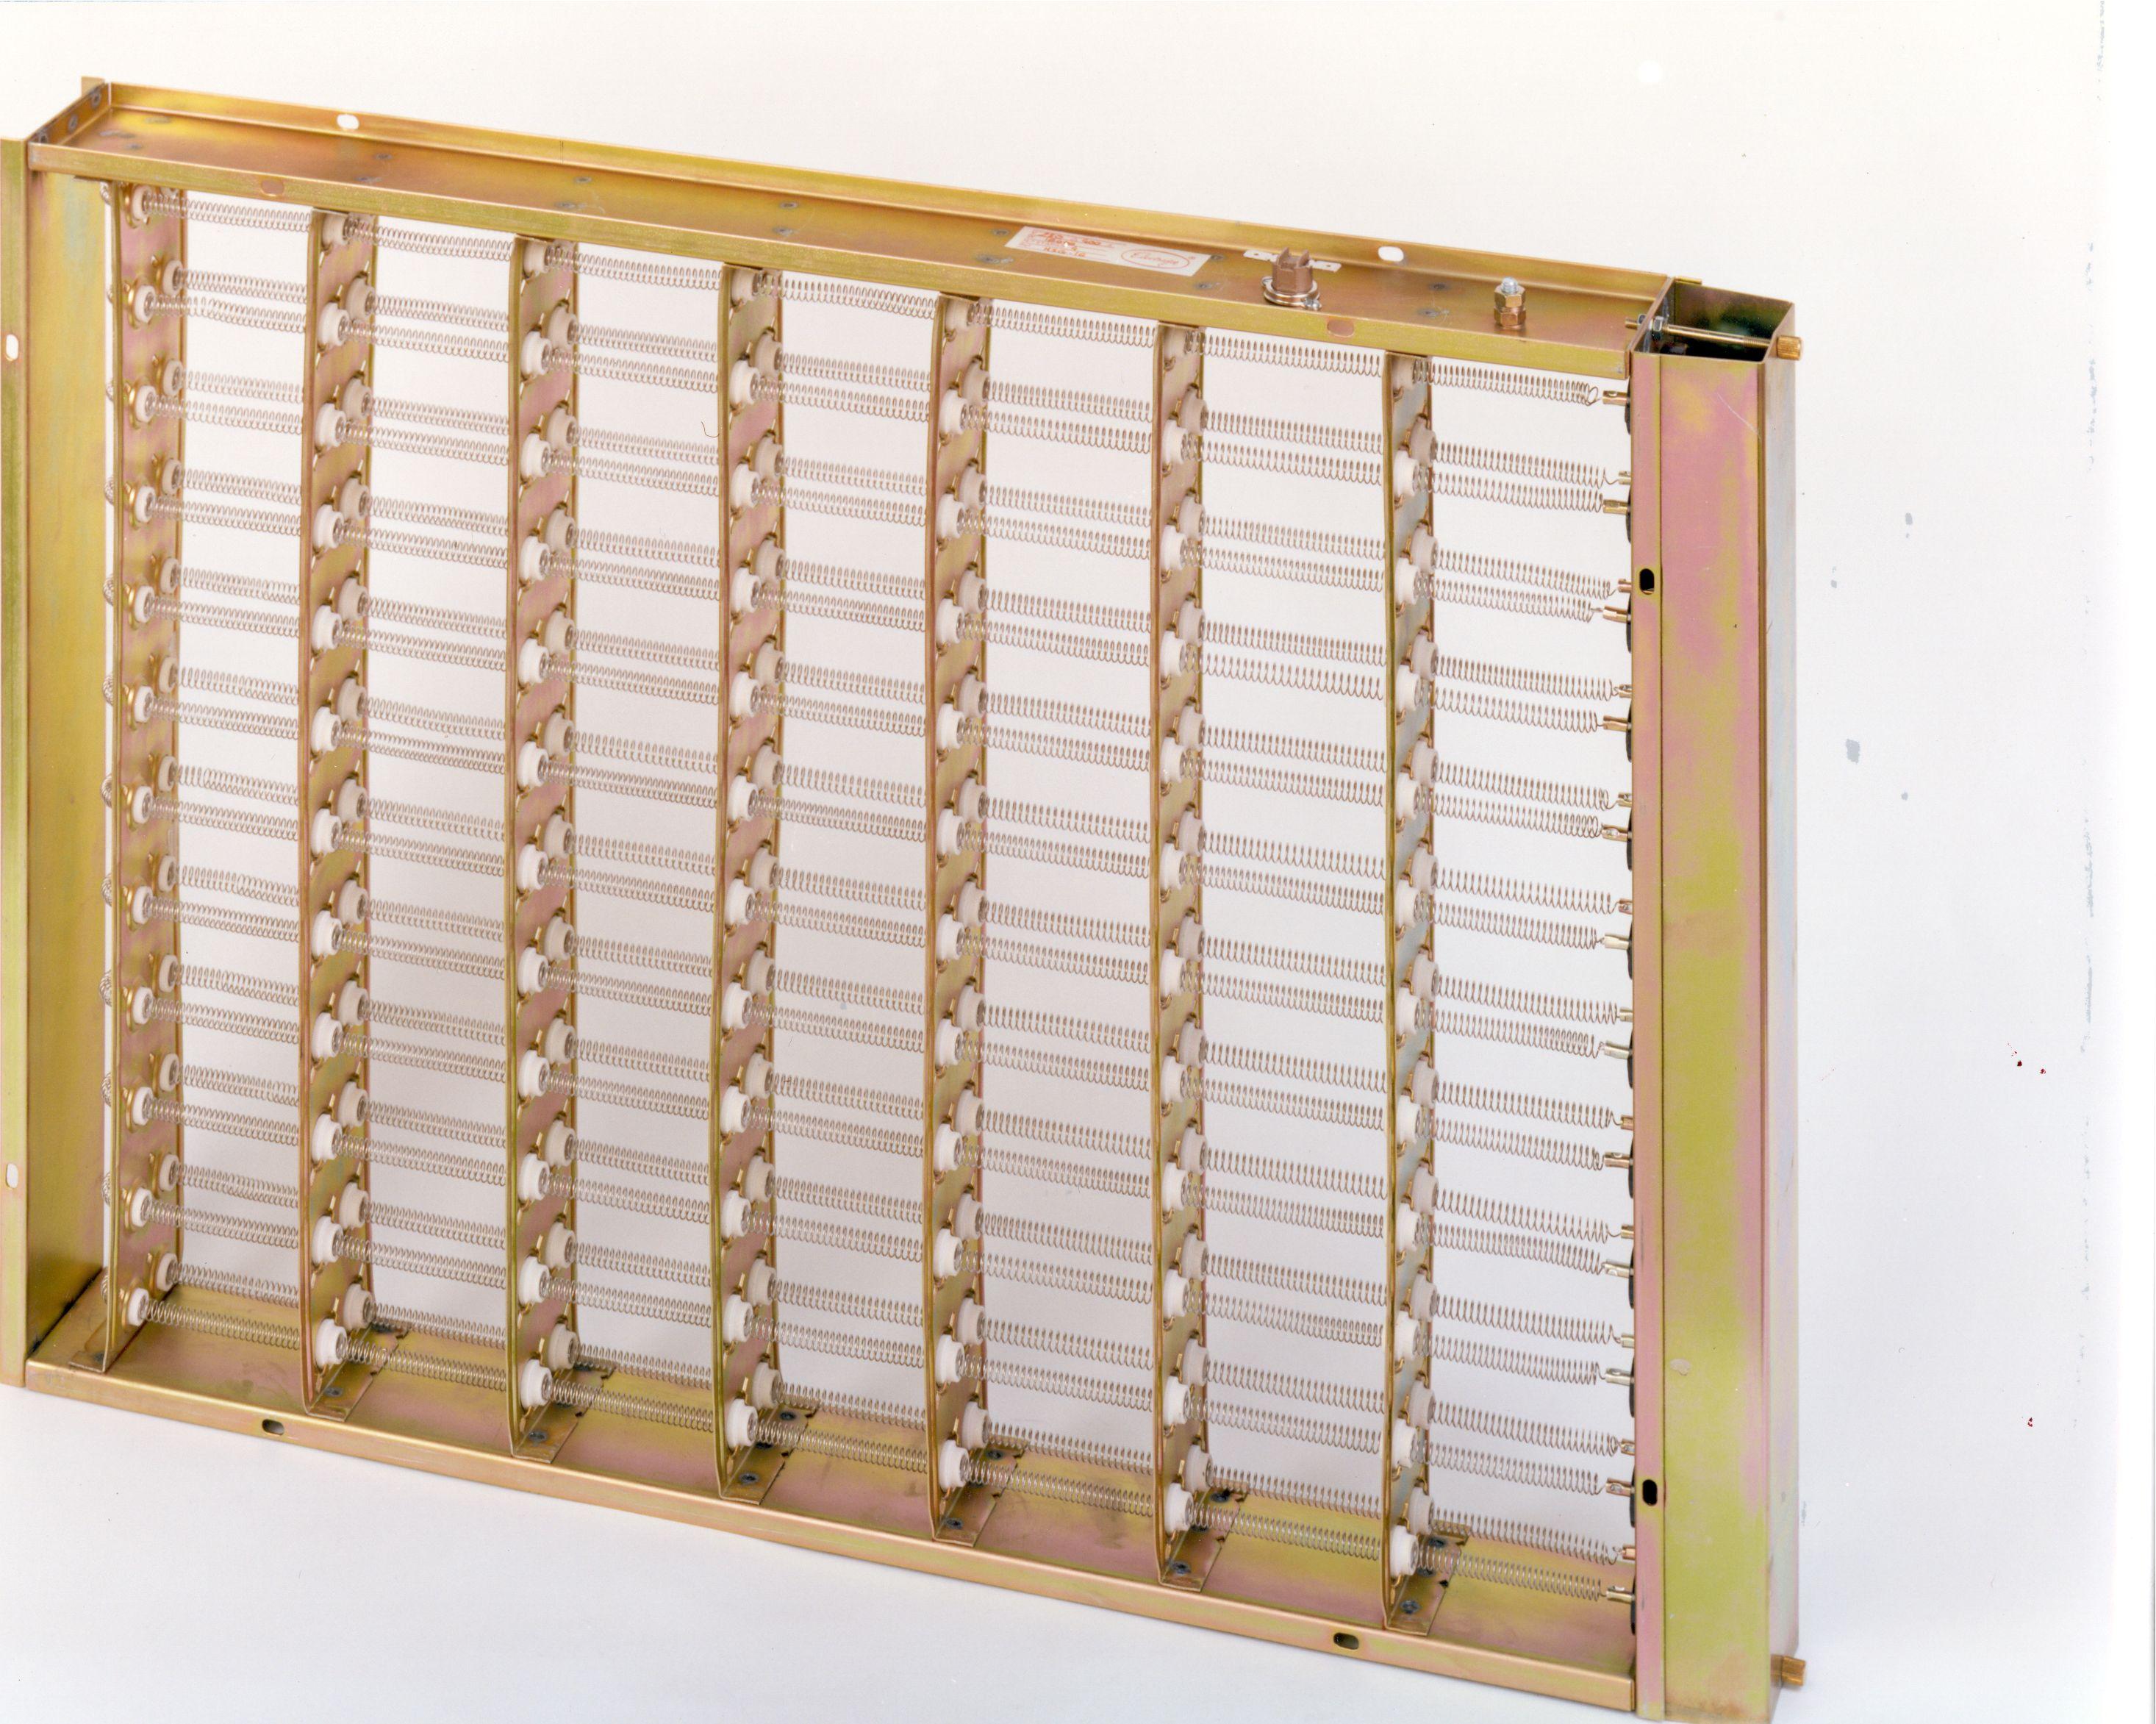 Baterías con resistencias eléctricas para aire acondicionado